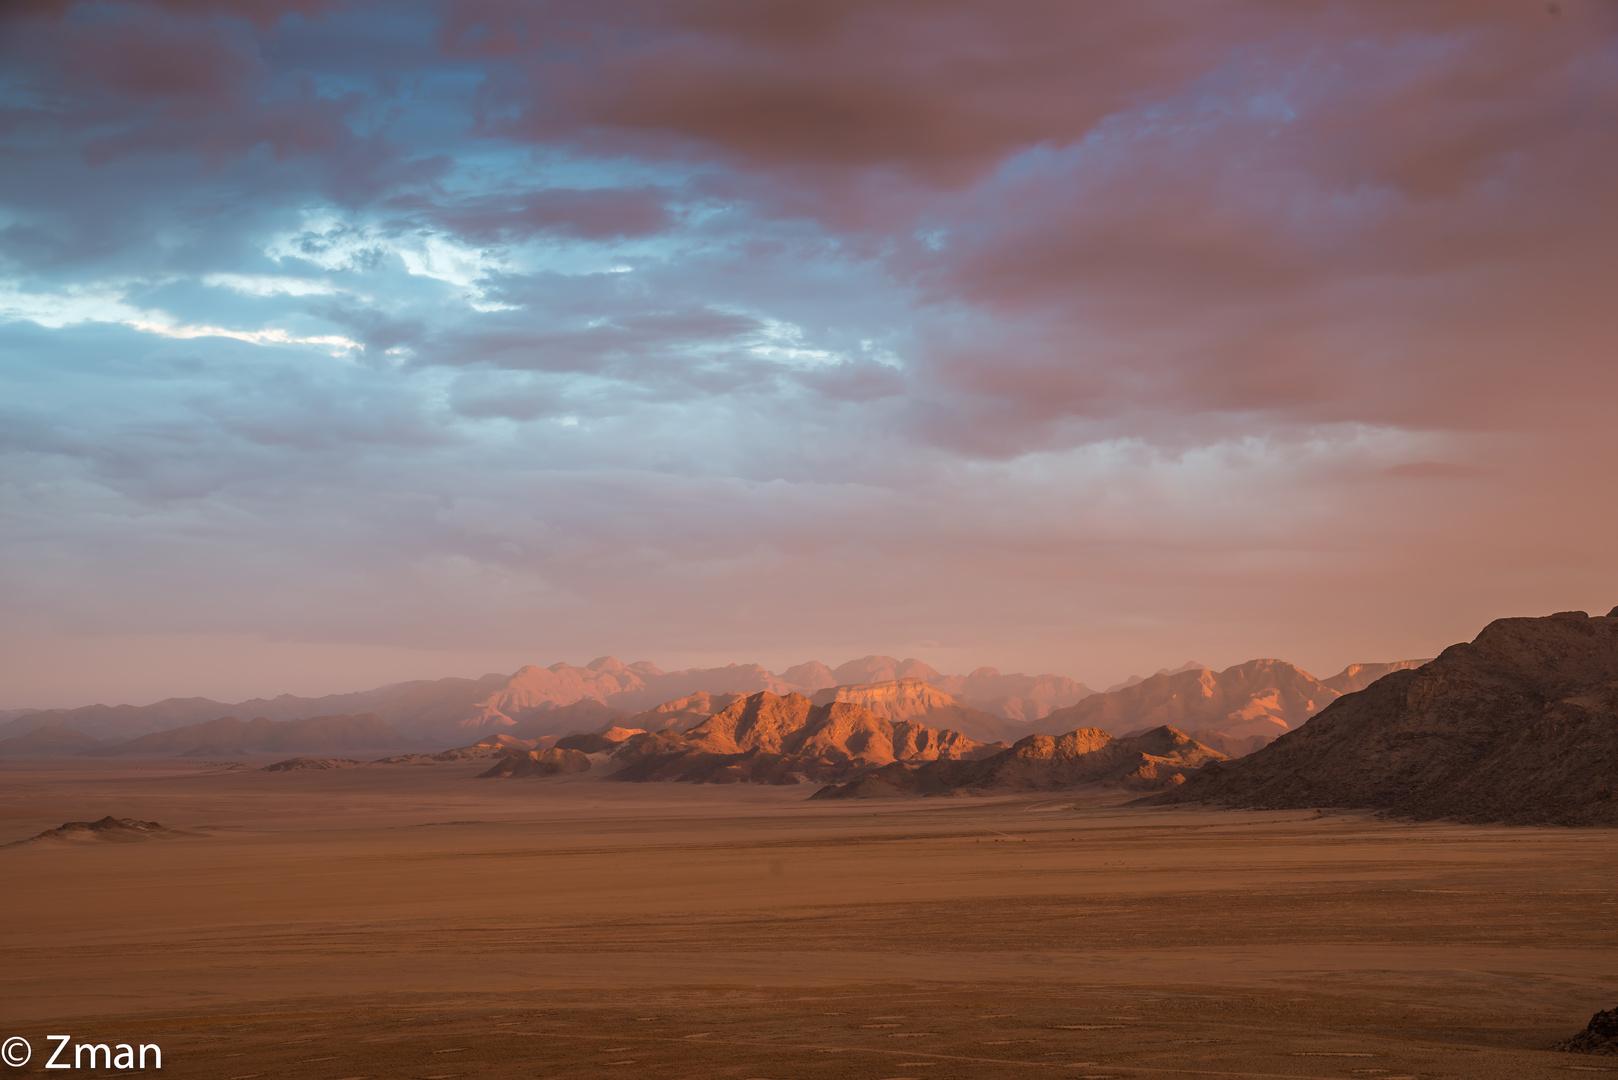 Sunset in The Namibian Desert 02